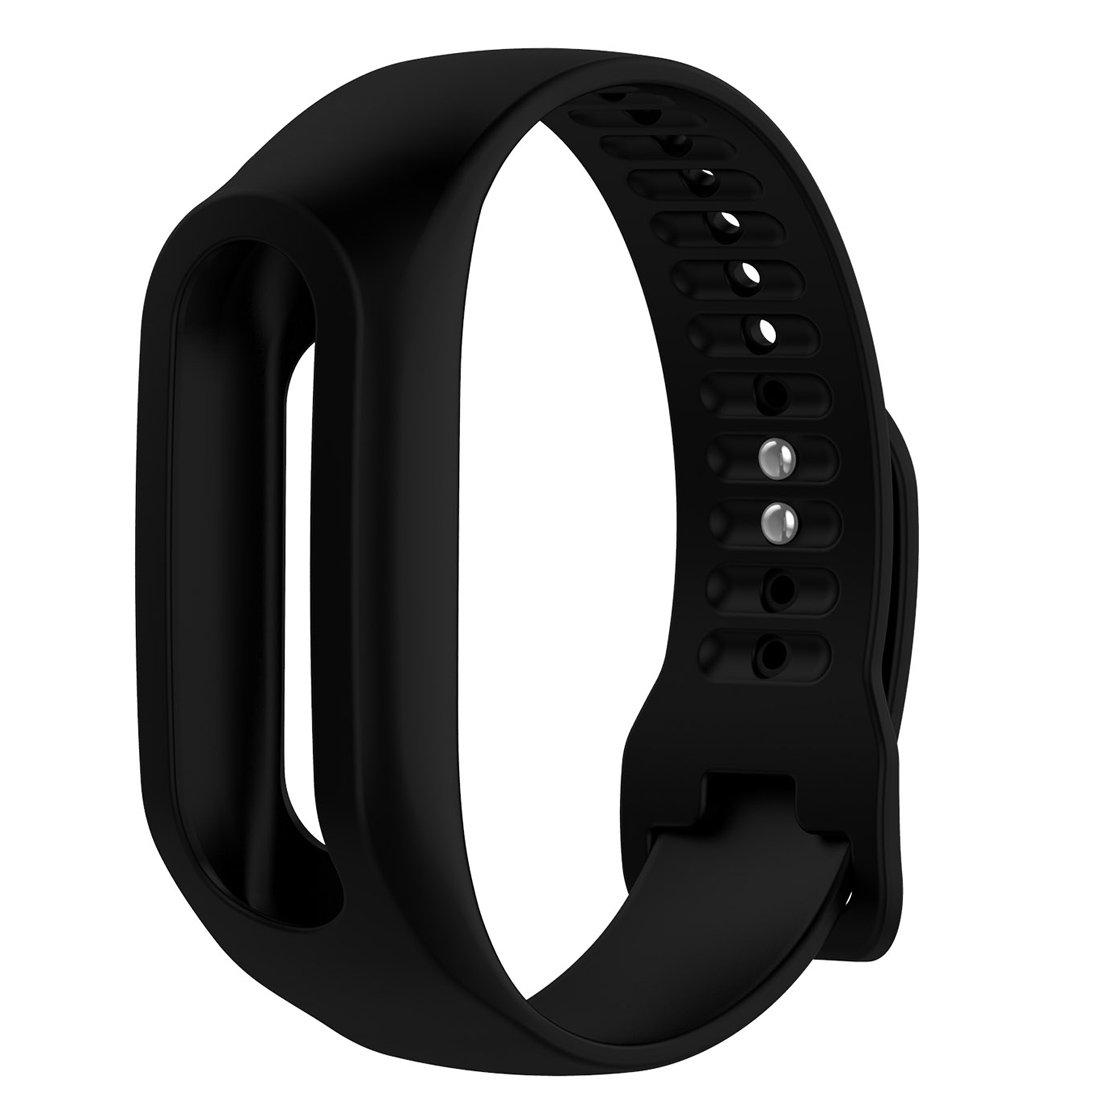 Lokeke - Correa de silicona para reloj inteligente TomTom Touch: Amazon.es: Electrónica